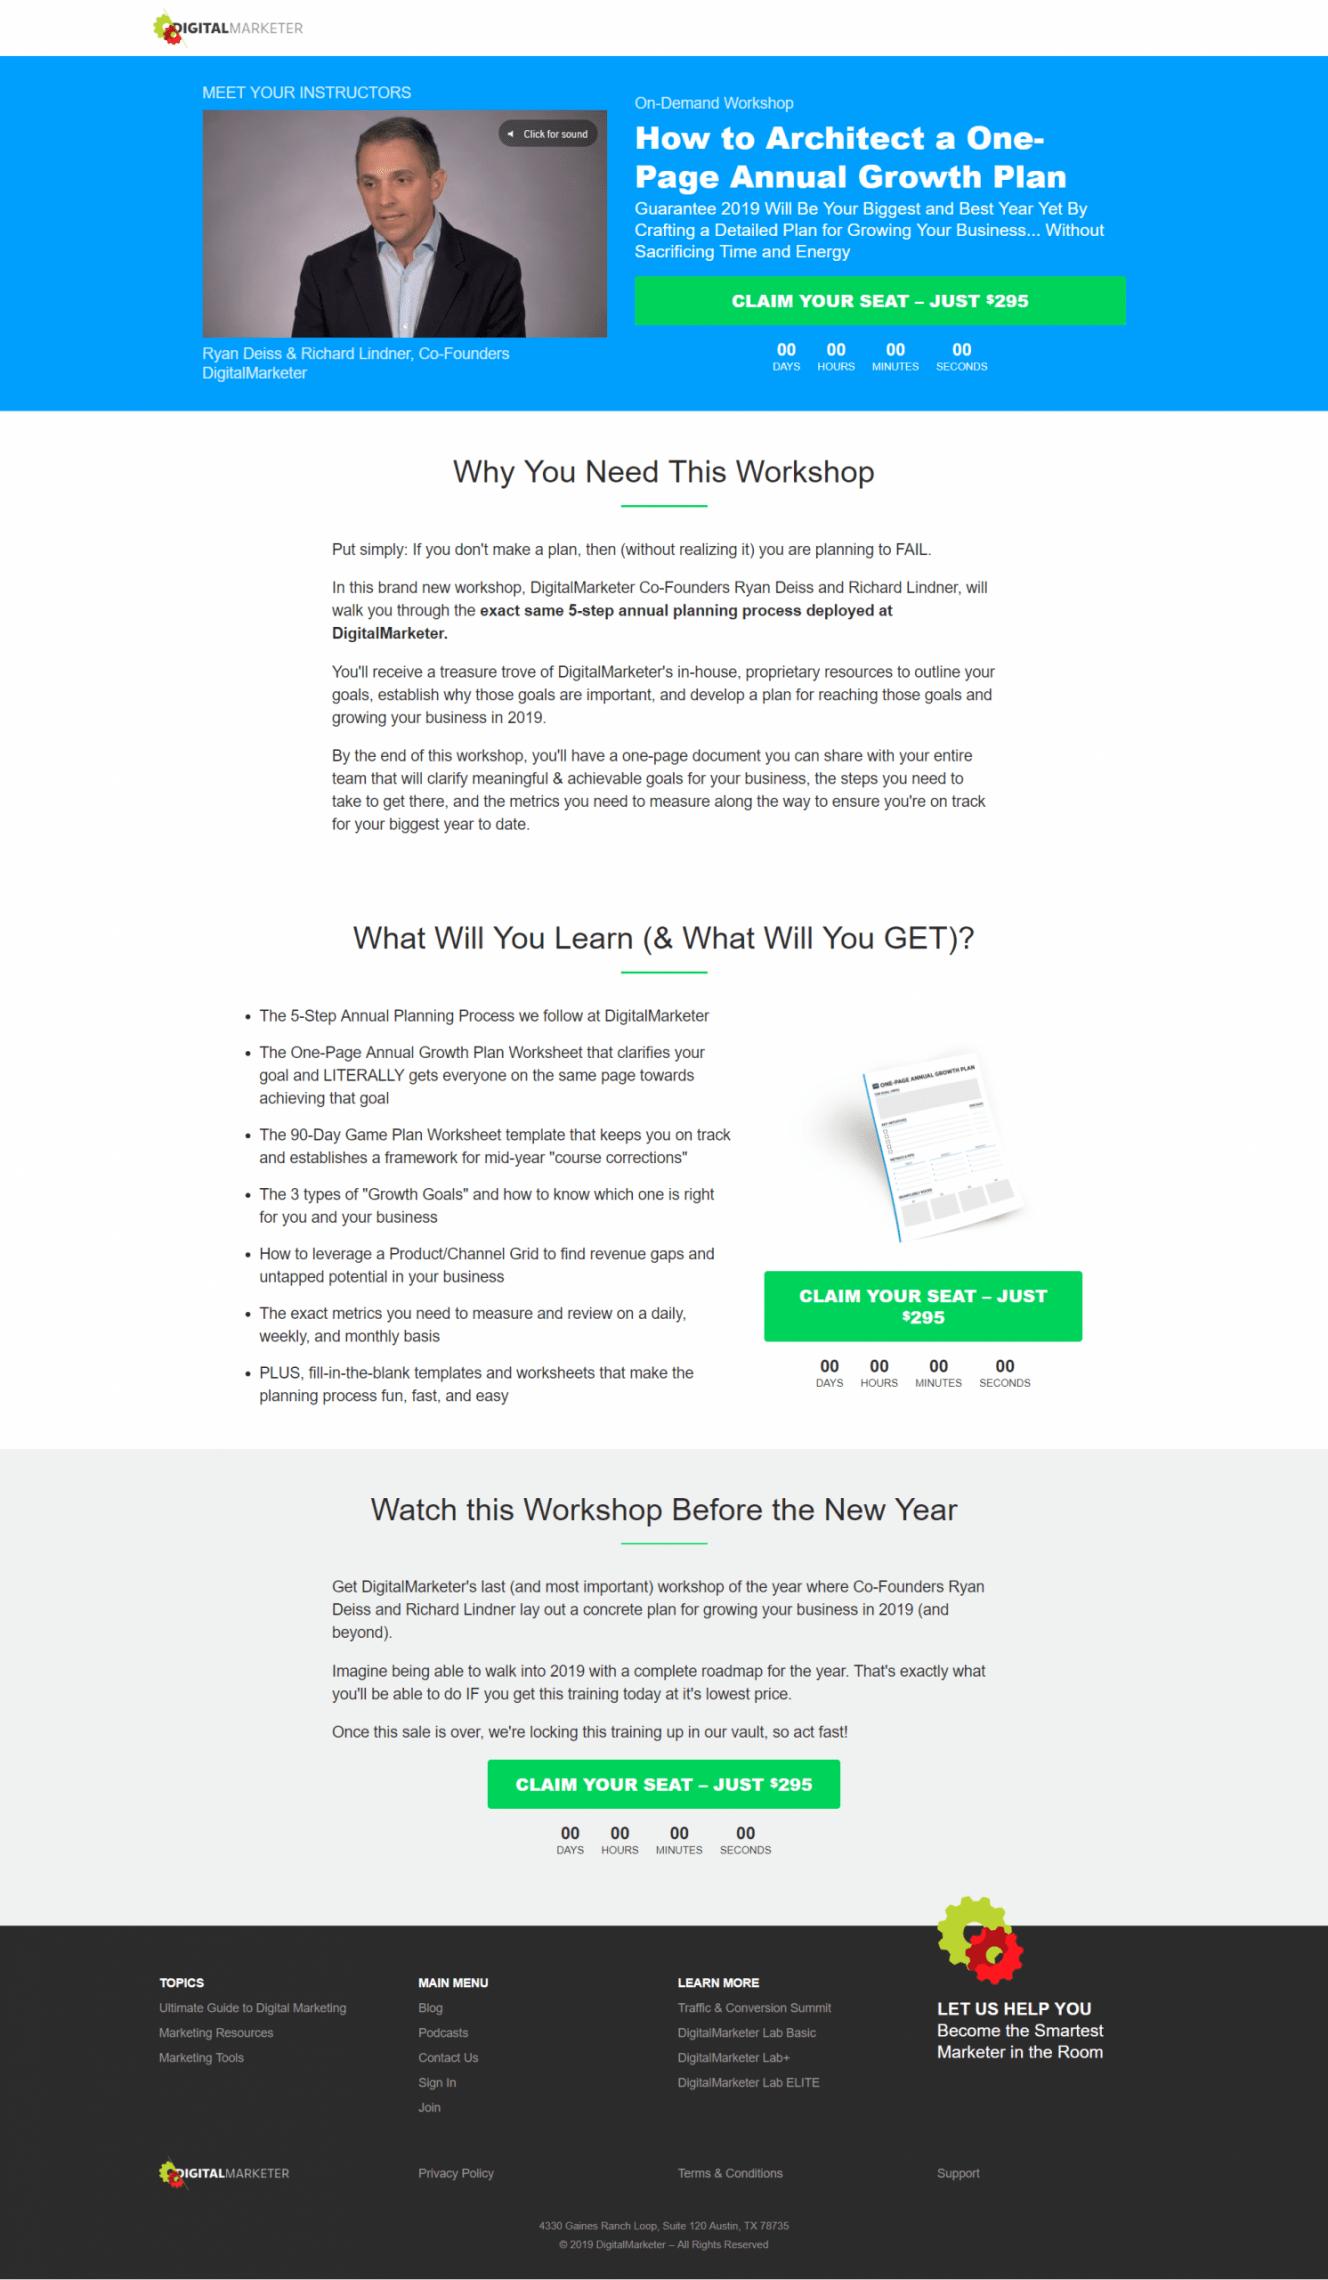 如果你没有一个计划,那么(在没有意识到的情况下)你就是计划失败了。(How to Architect a One-Page Annual Growth Plan)